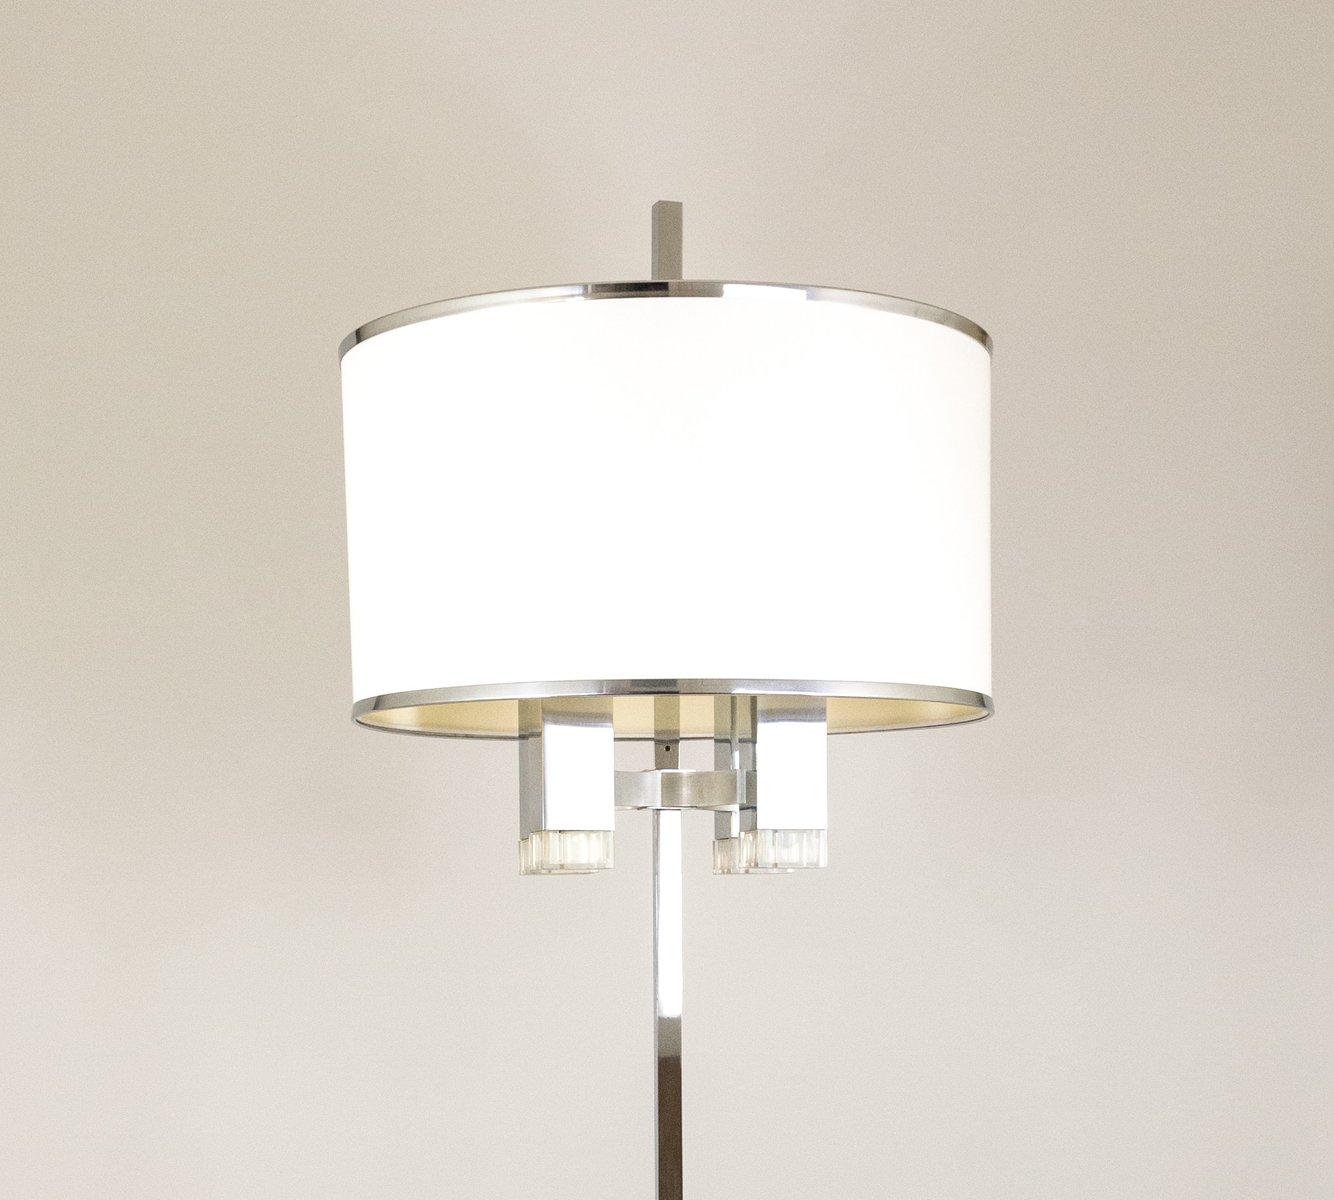 stehlampe aus chrom mit stoffschirm von gaetano sciolari 1970er bei pamono kaufen. Black Bedroom Furniture Sets. Home Design Ideas